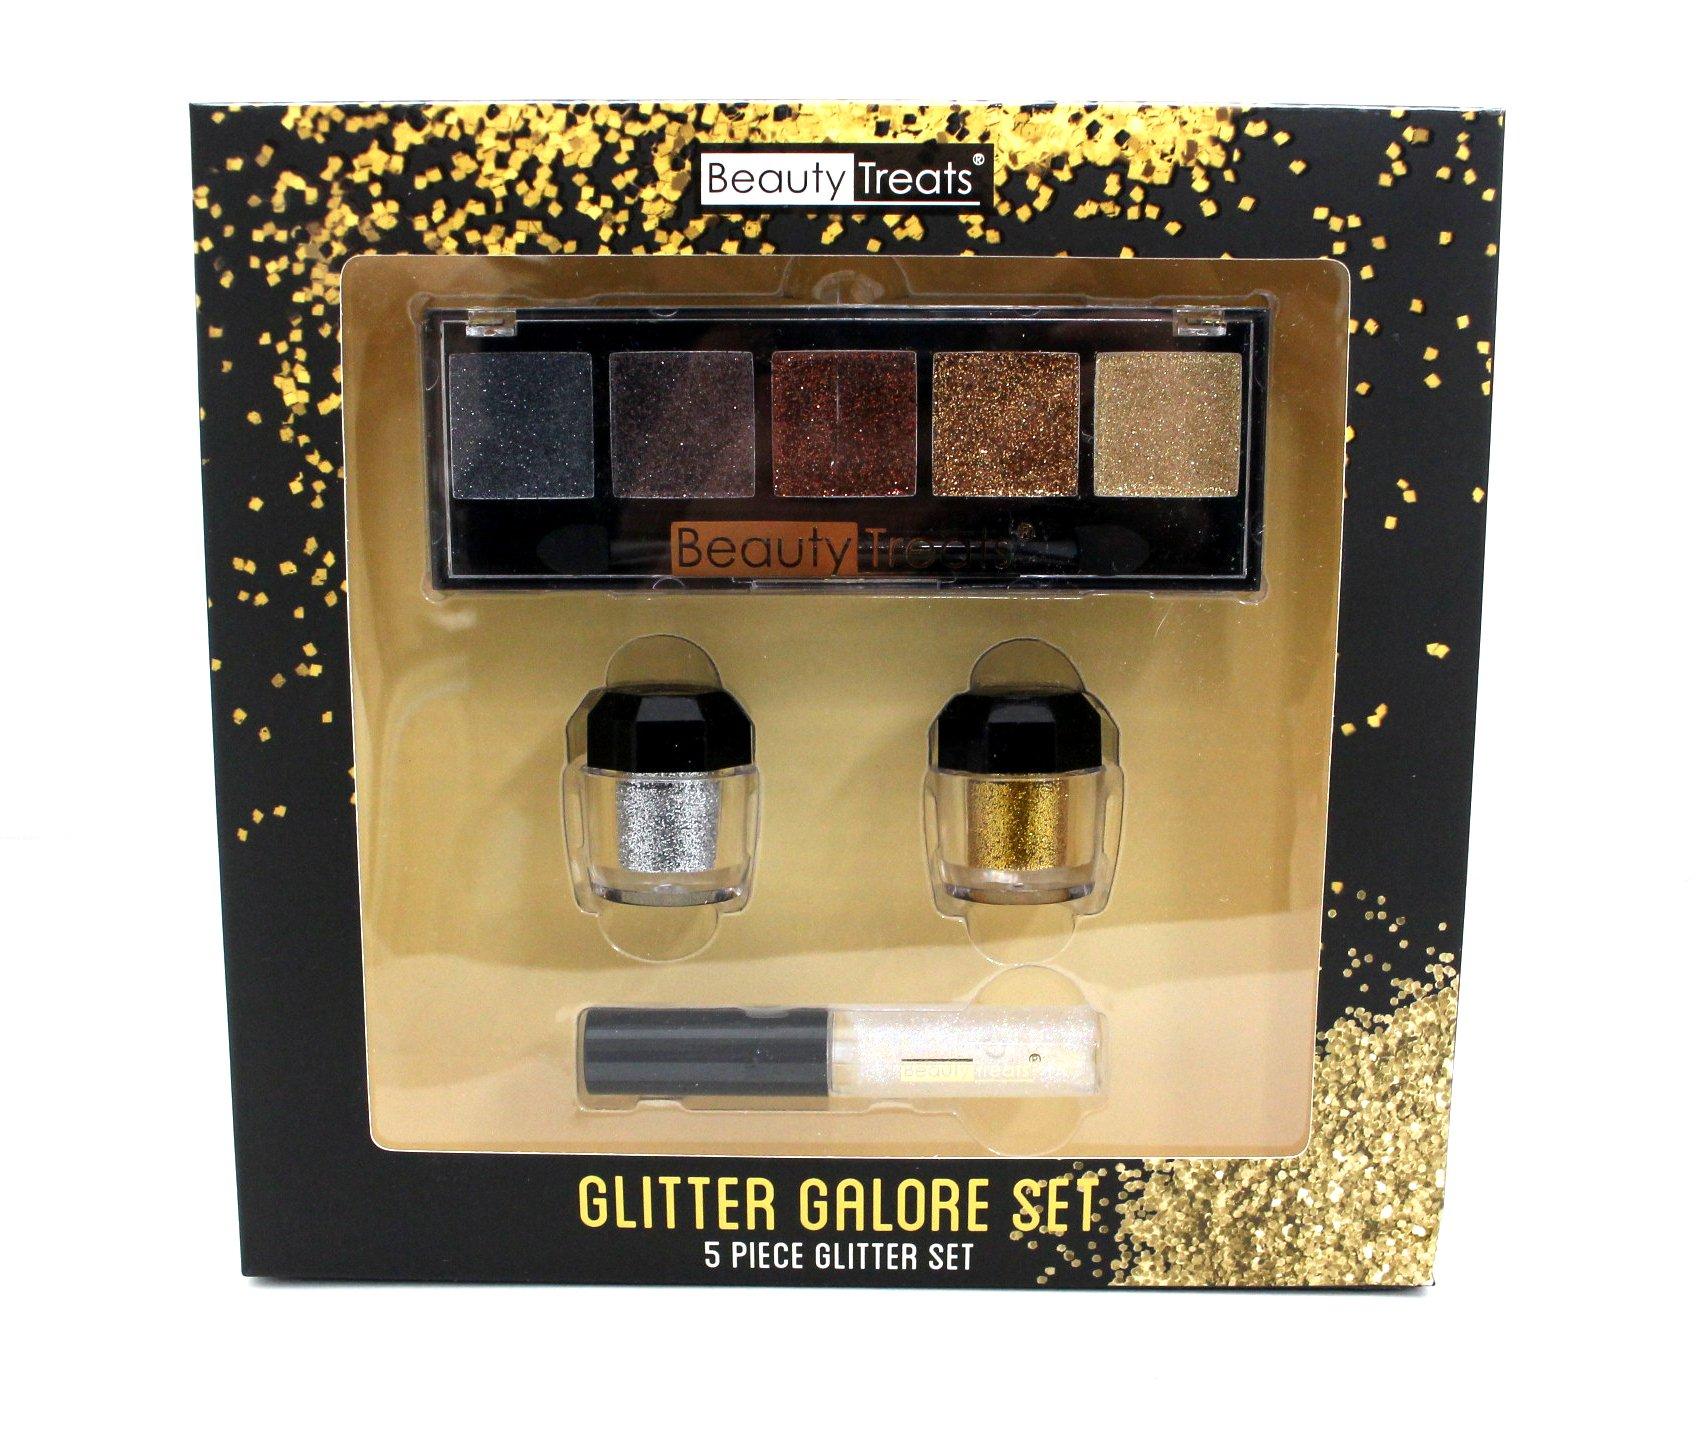 Beauty Treats-glitter Galore Set 5pcs Glitter Set